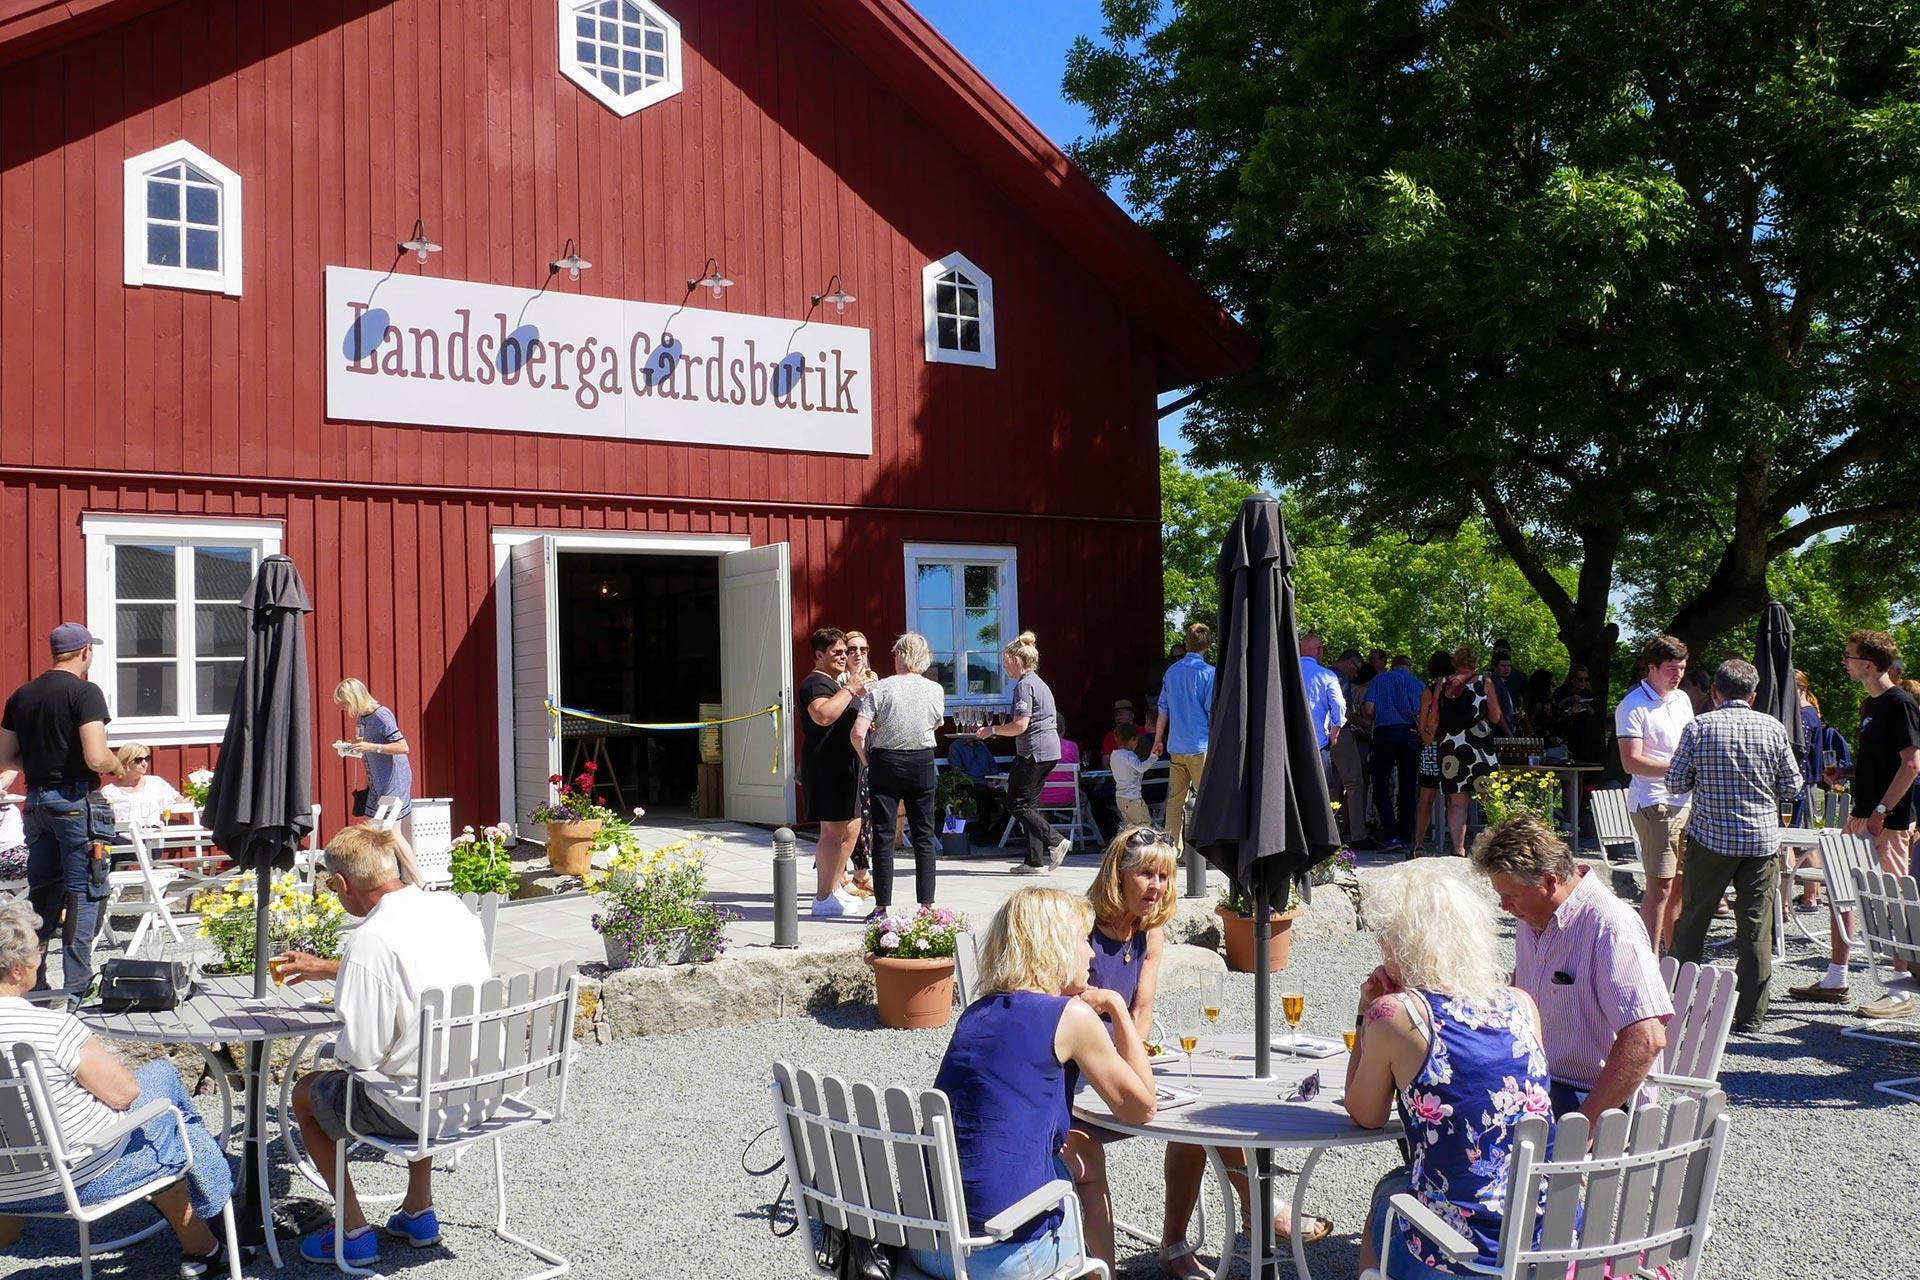 Folk sitter och fikar vid bord på Ladsberga gårdsbutik. Fotograf: Mats Thorburn